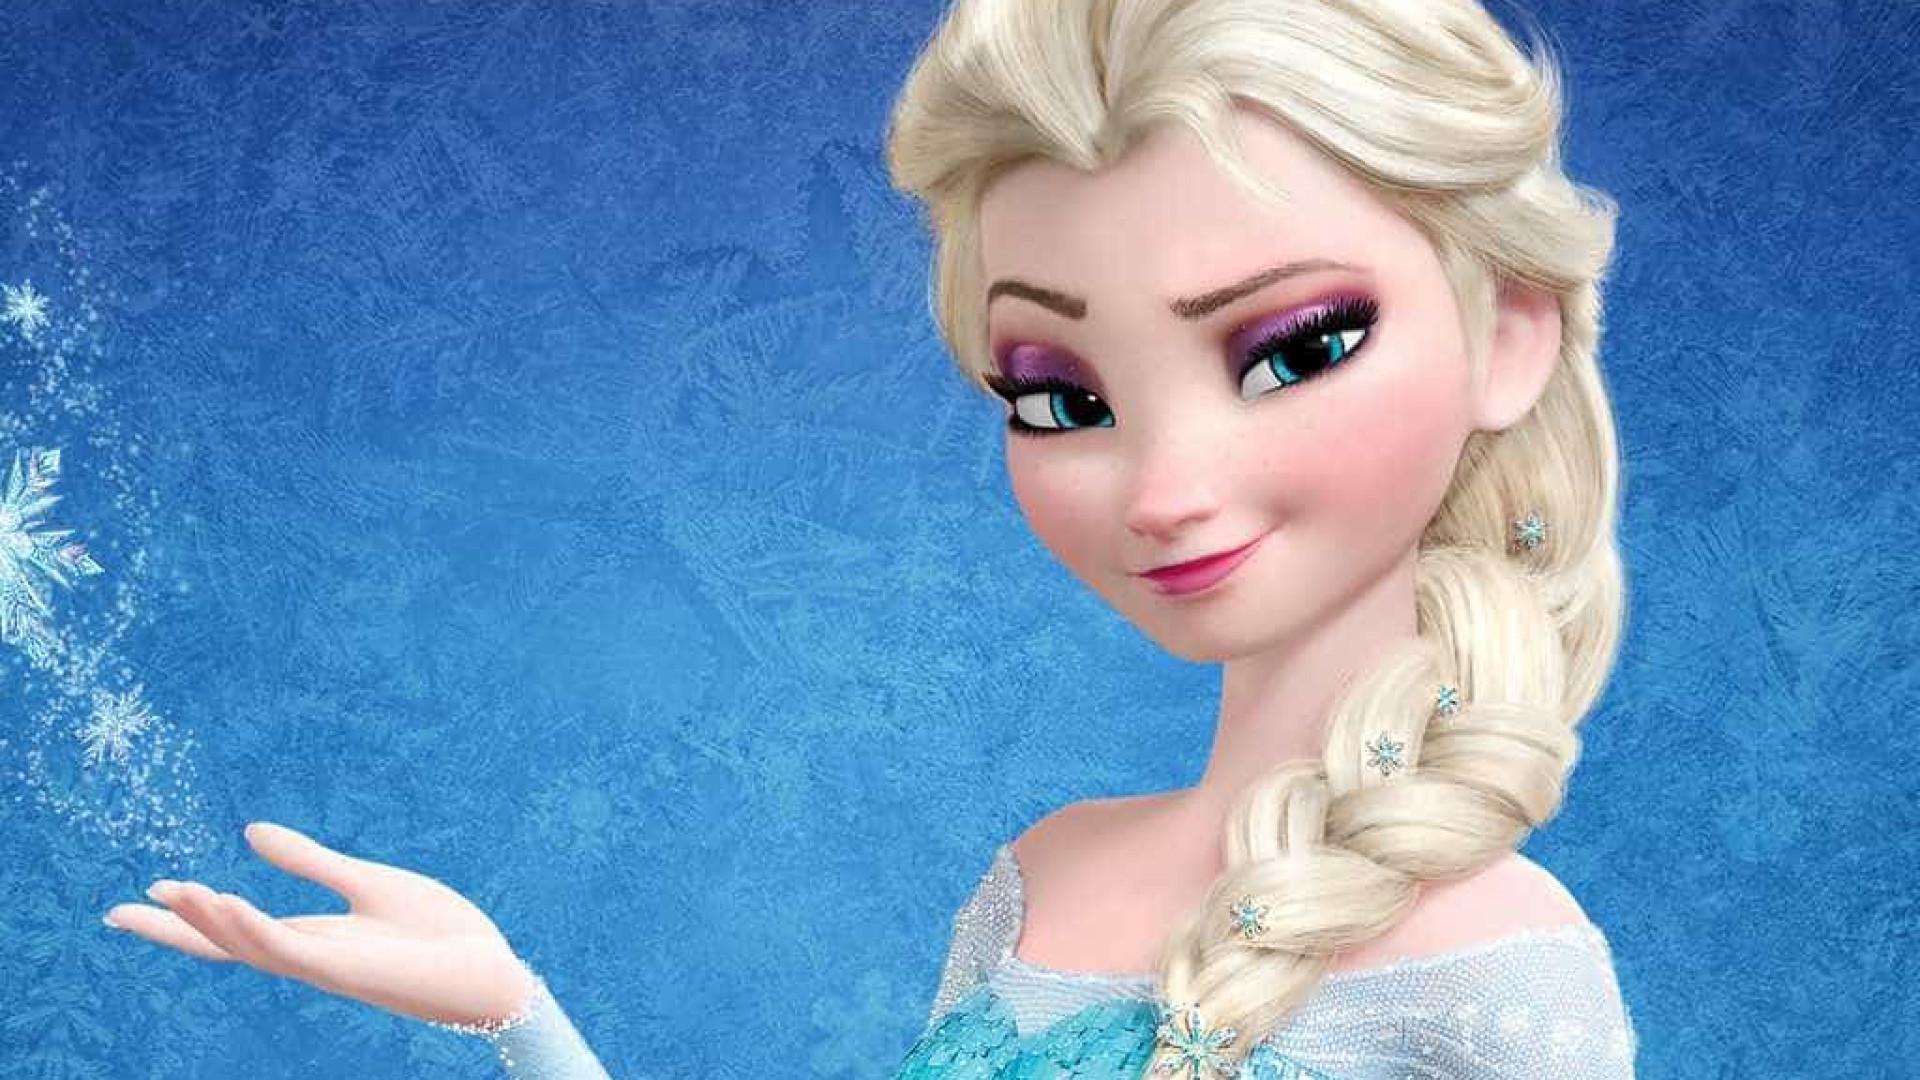 Elsa de 'Frozen 2' não é lésbica, mas poderia ser assexual